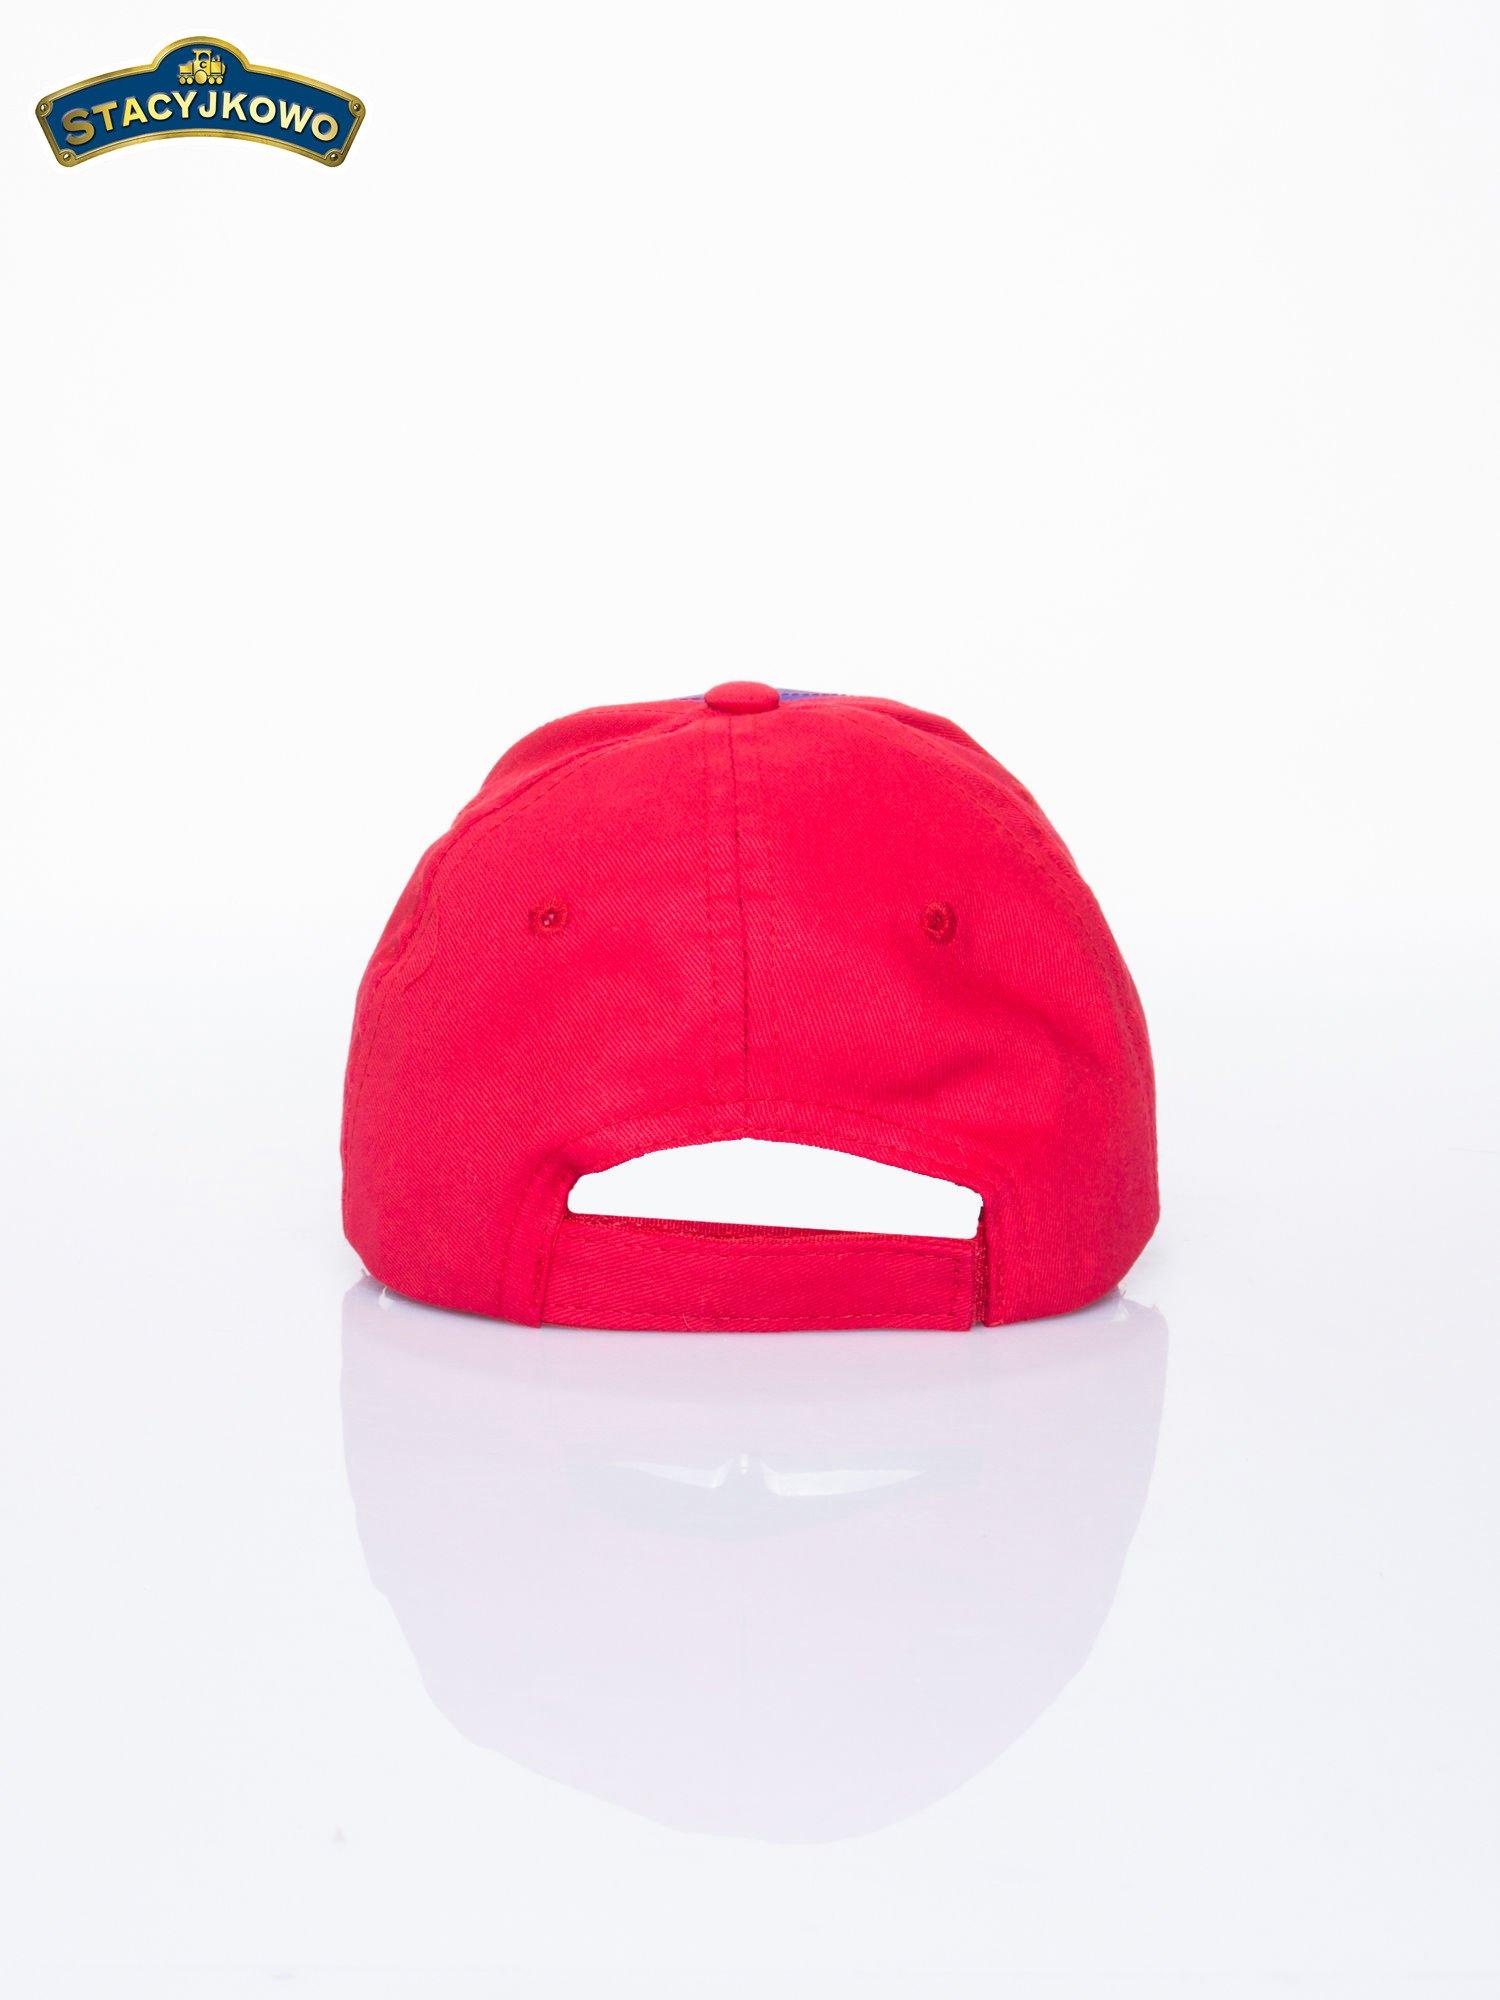 Czerwona chłopięca czapka z daszkiem STACYJKOWO                                  zdj.                                  3